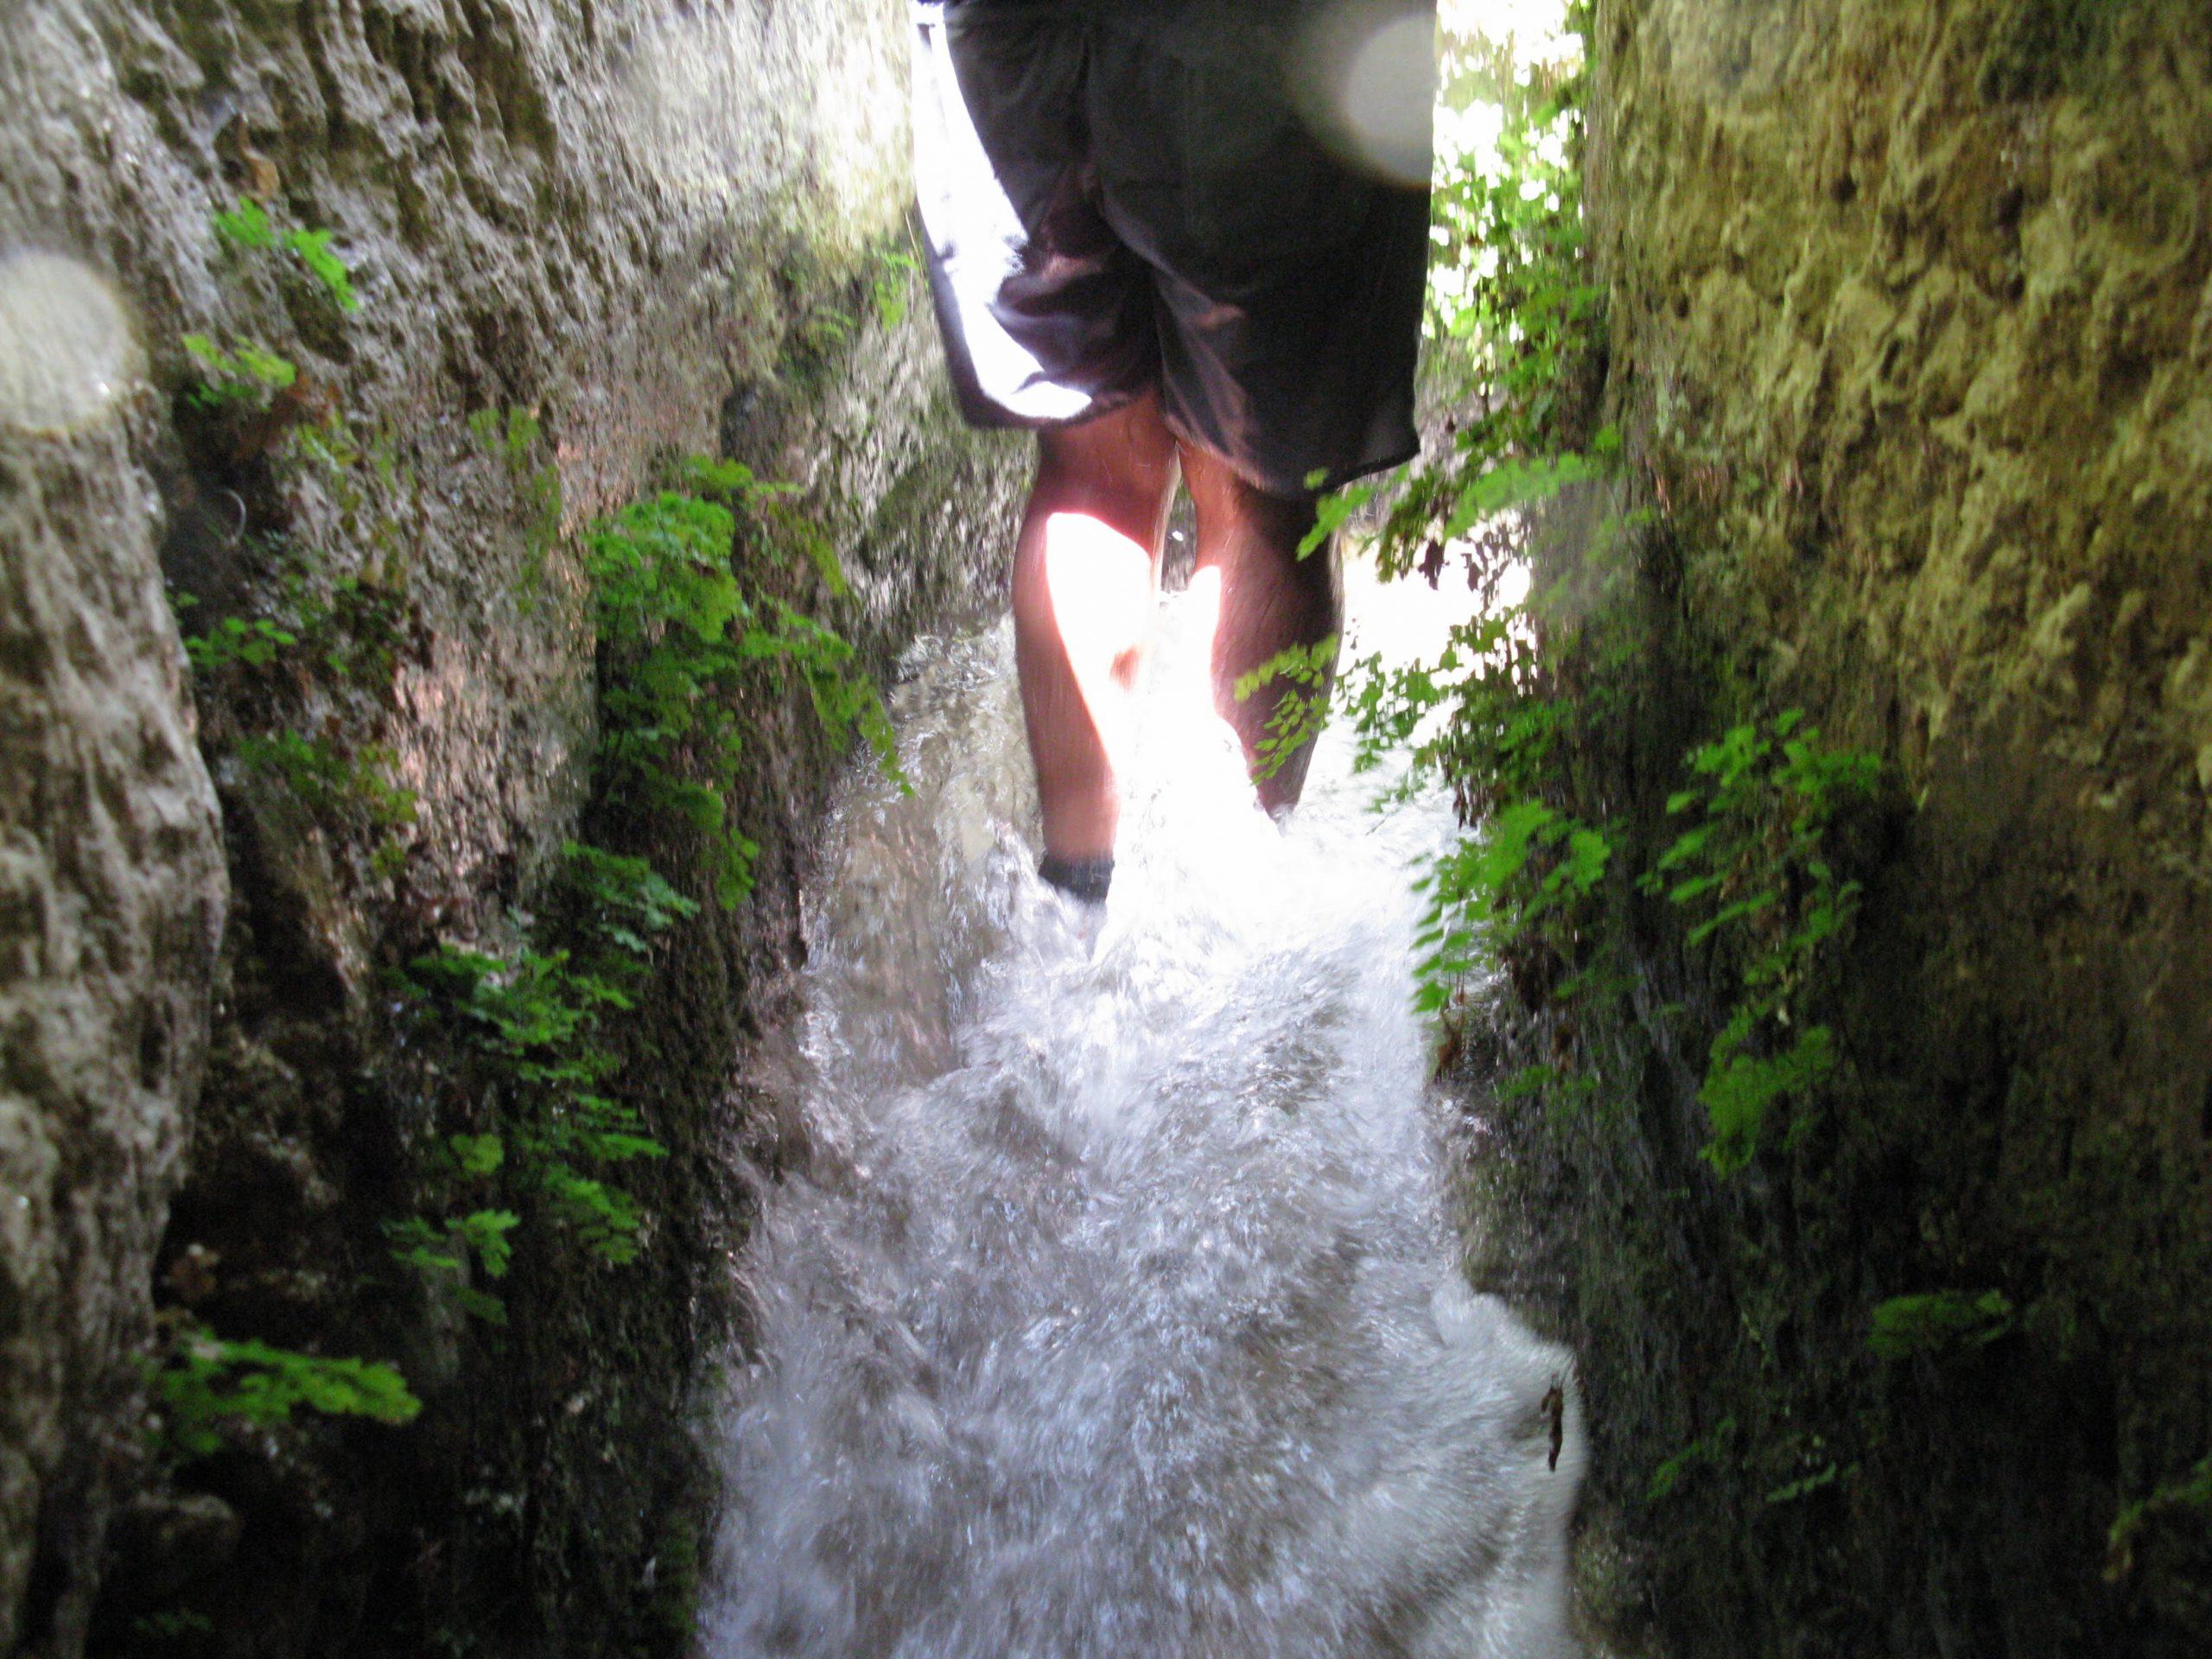 passeggiando dentro un antico acquedotto greco